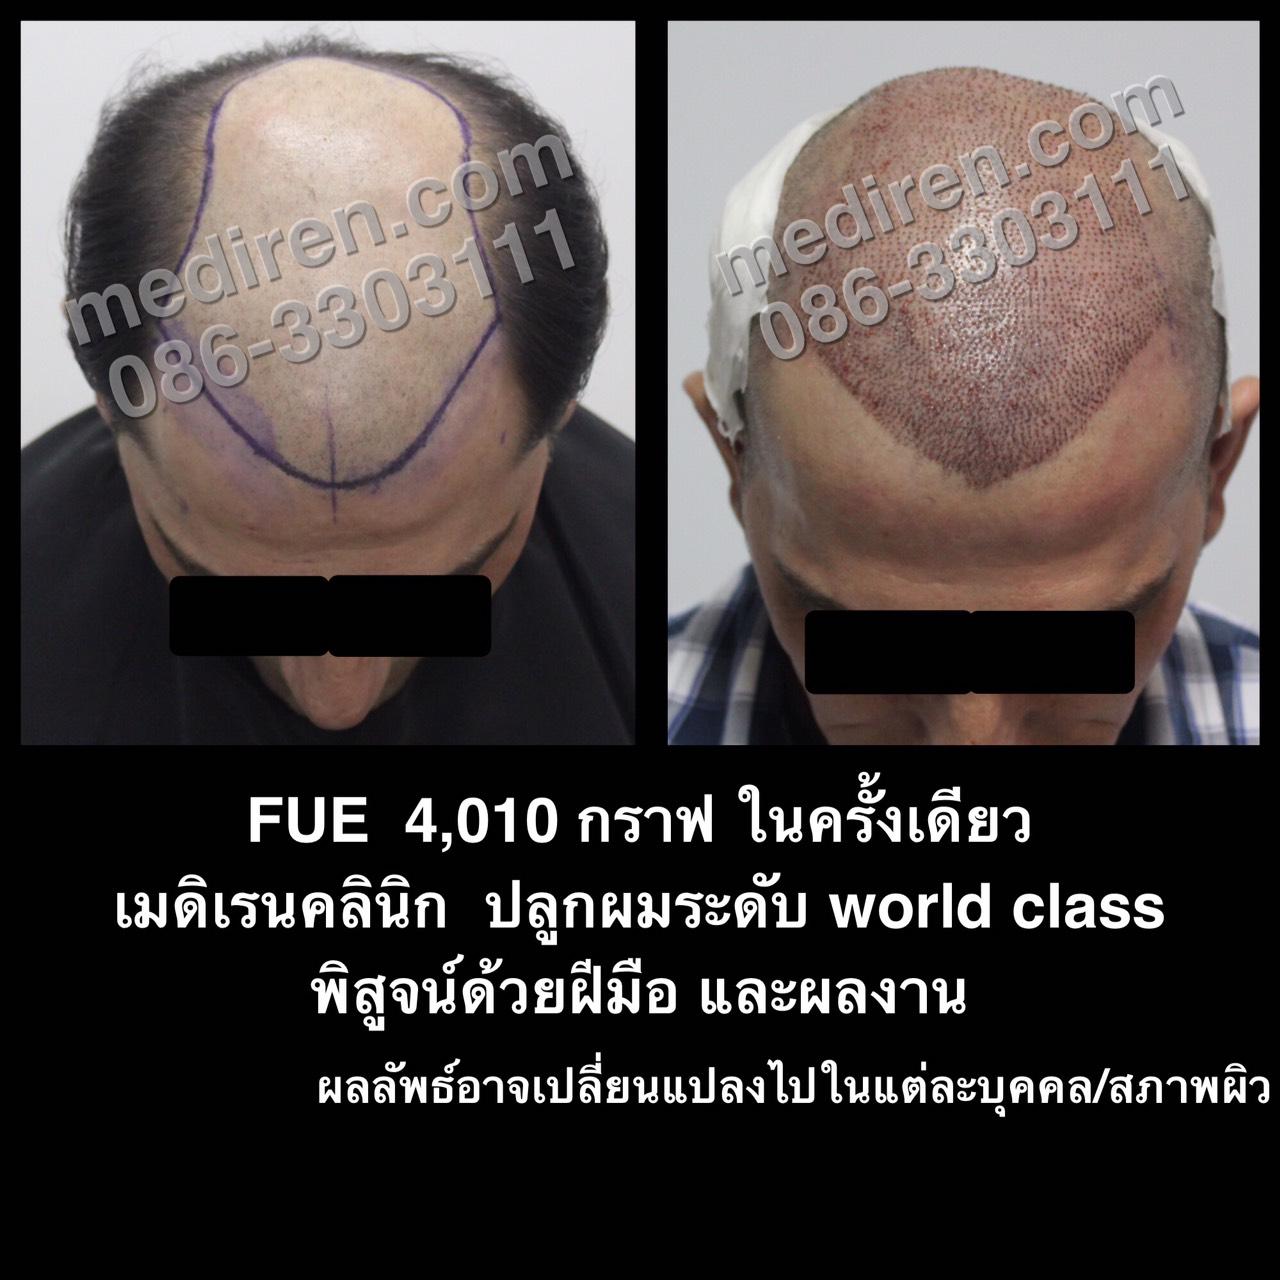 FUE-4010 Graft